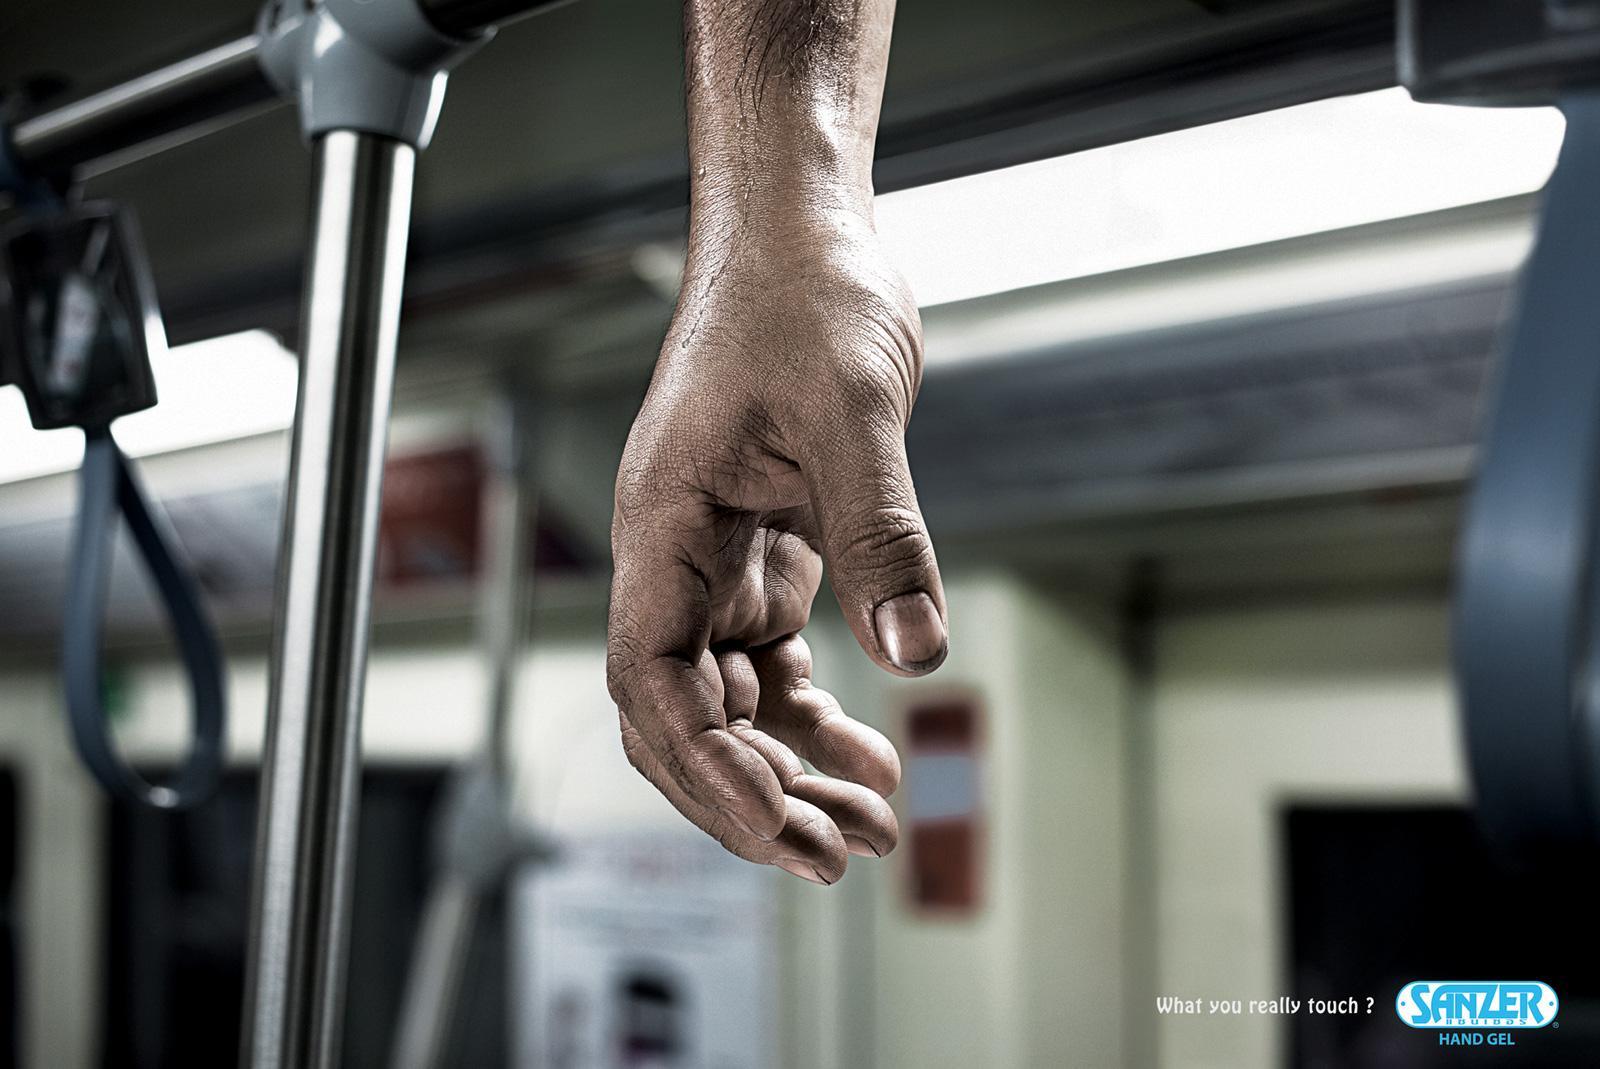 Sanzer hand gel: Subway | Ads of the World™